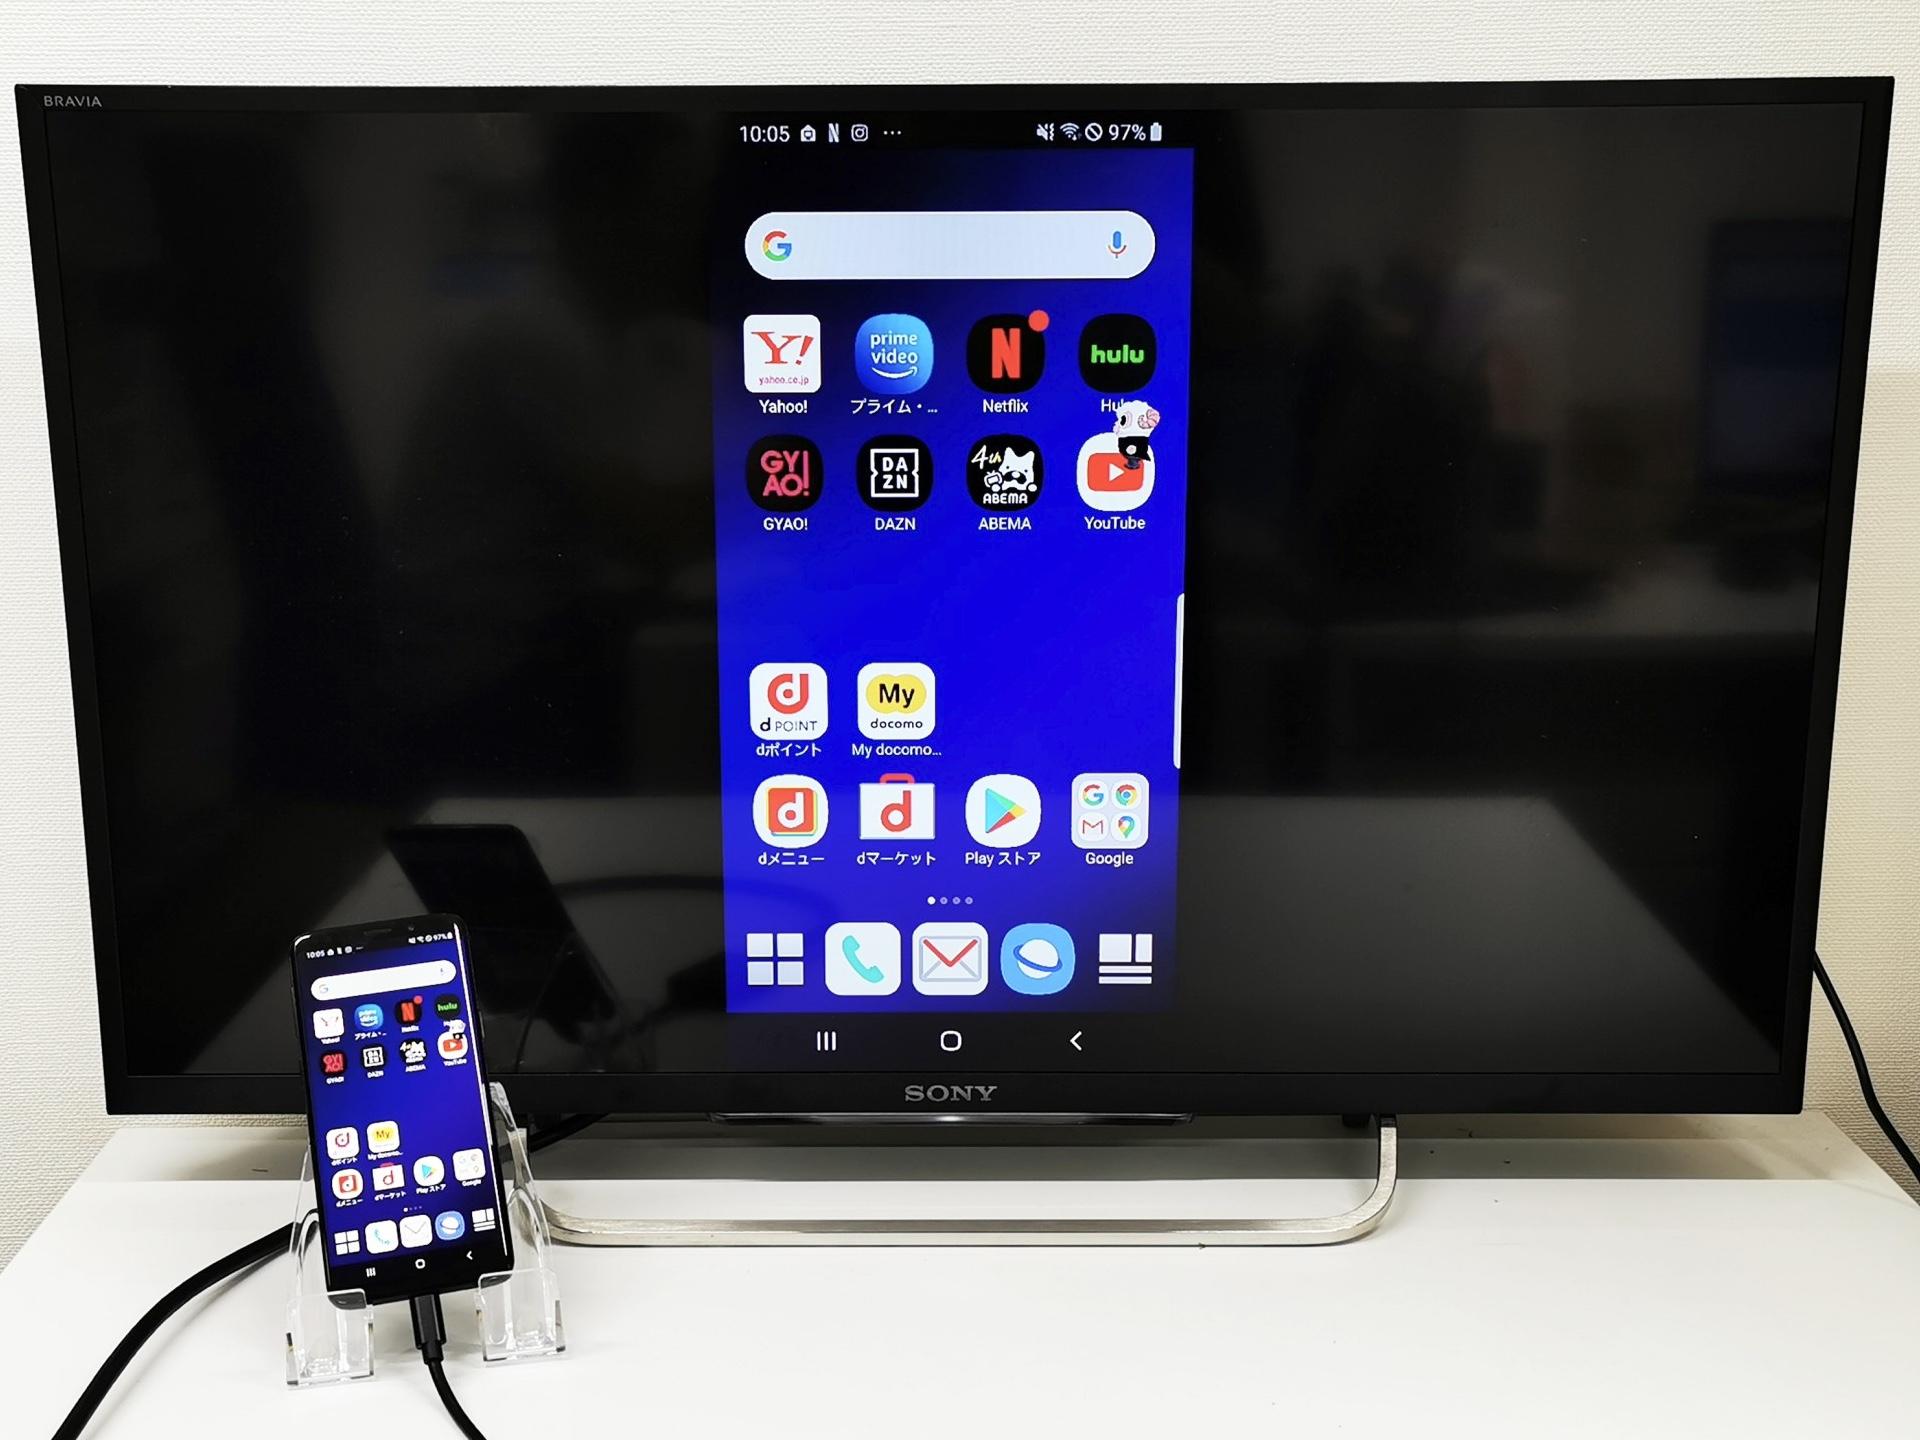 画面 テレビ 出力 スマホ Androidスマホの動画や画像をテレビに出力する方法を教えます